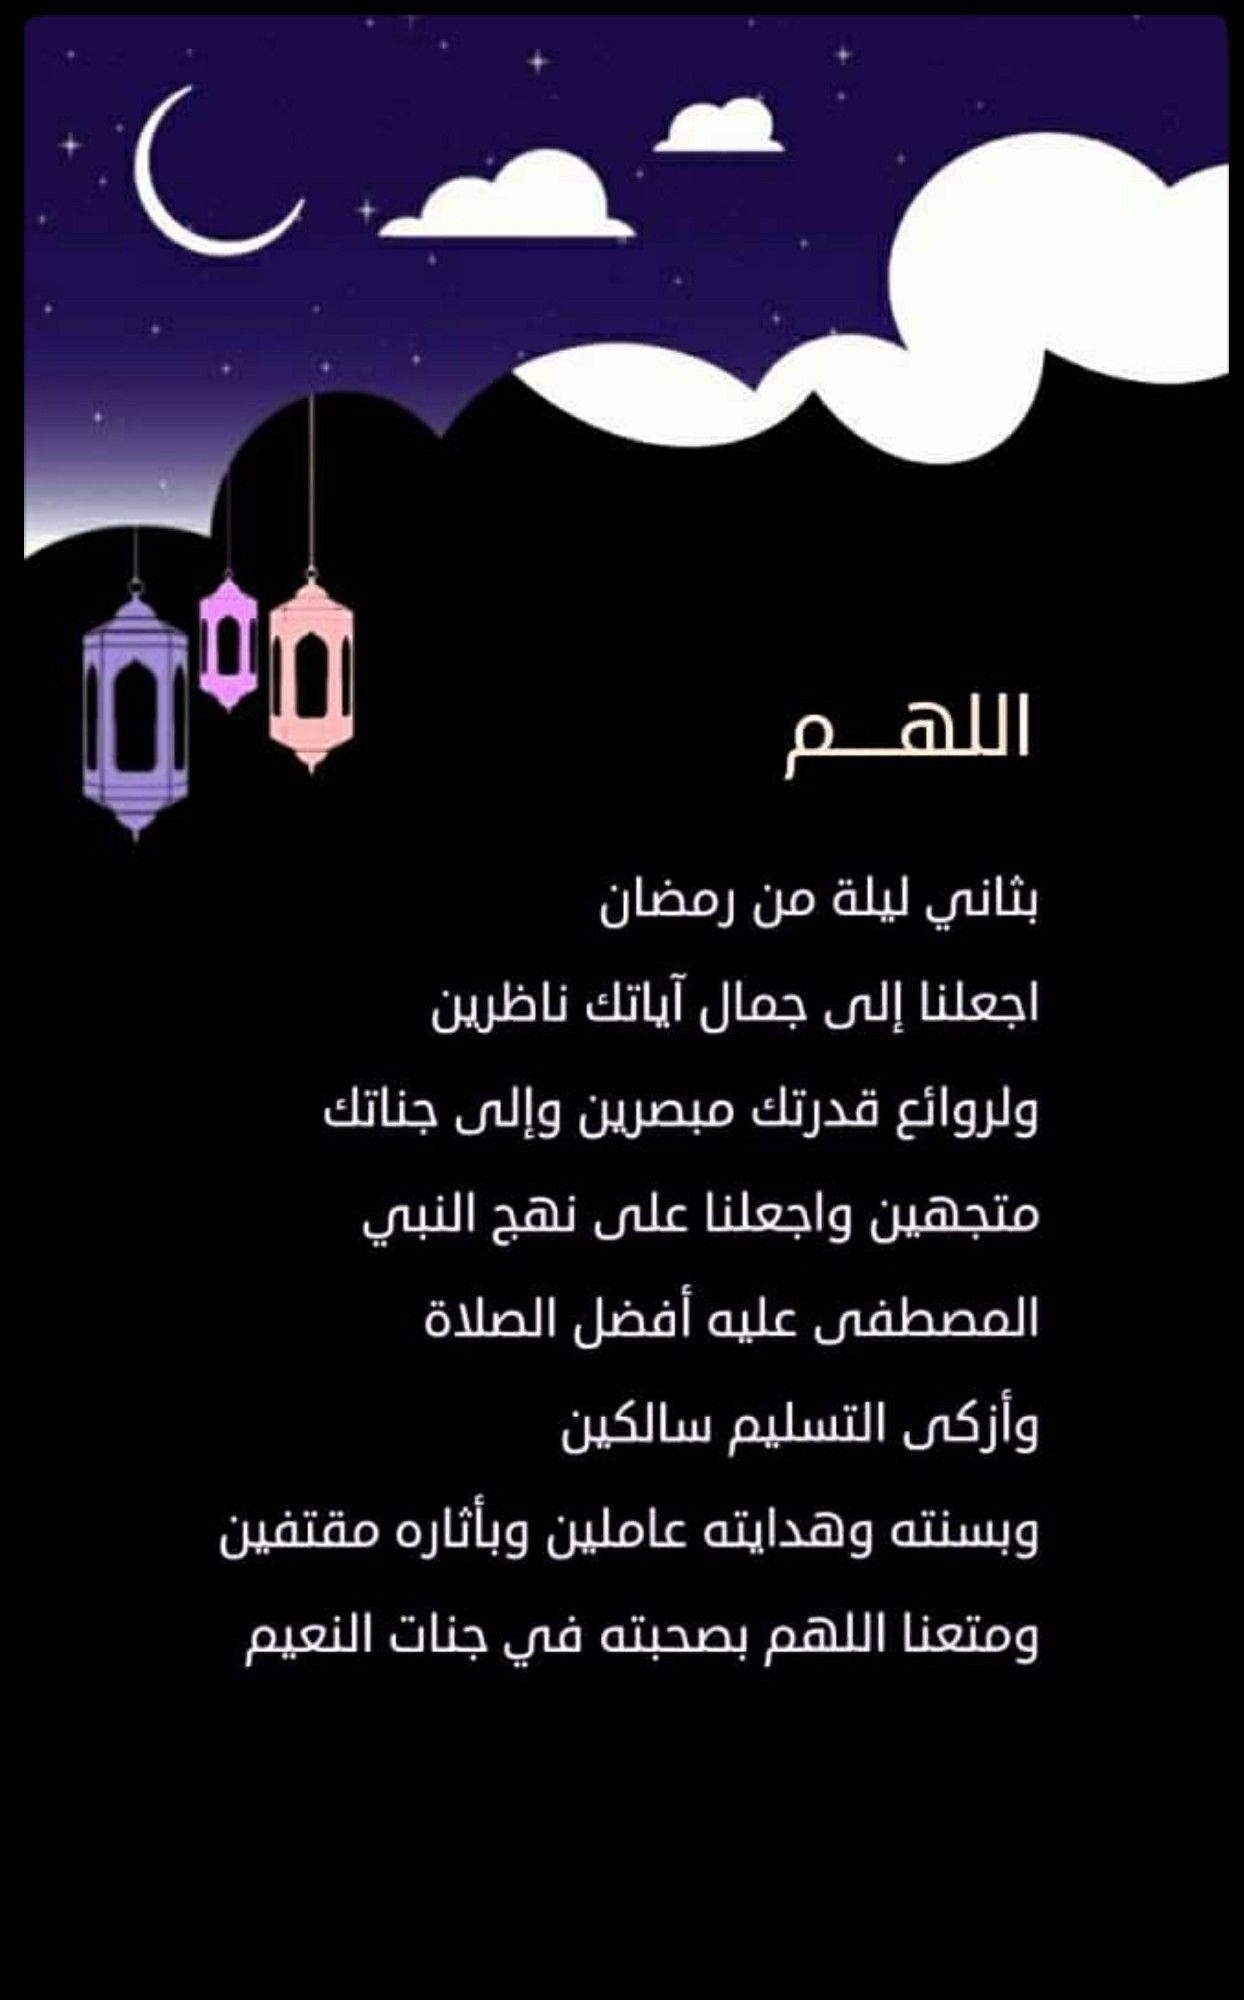 الـلــ هــم بثاني ليلة من رمضان إجعلنا إلى جمال آياتك ناظرين ولروائع قدرتك مبصرين وإلى جناتك متجهين واجعلنا ع Ramadan Quotes Ramadan Day Ramadhan Quotes